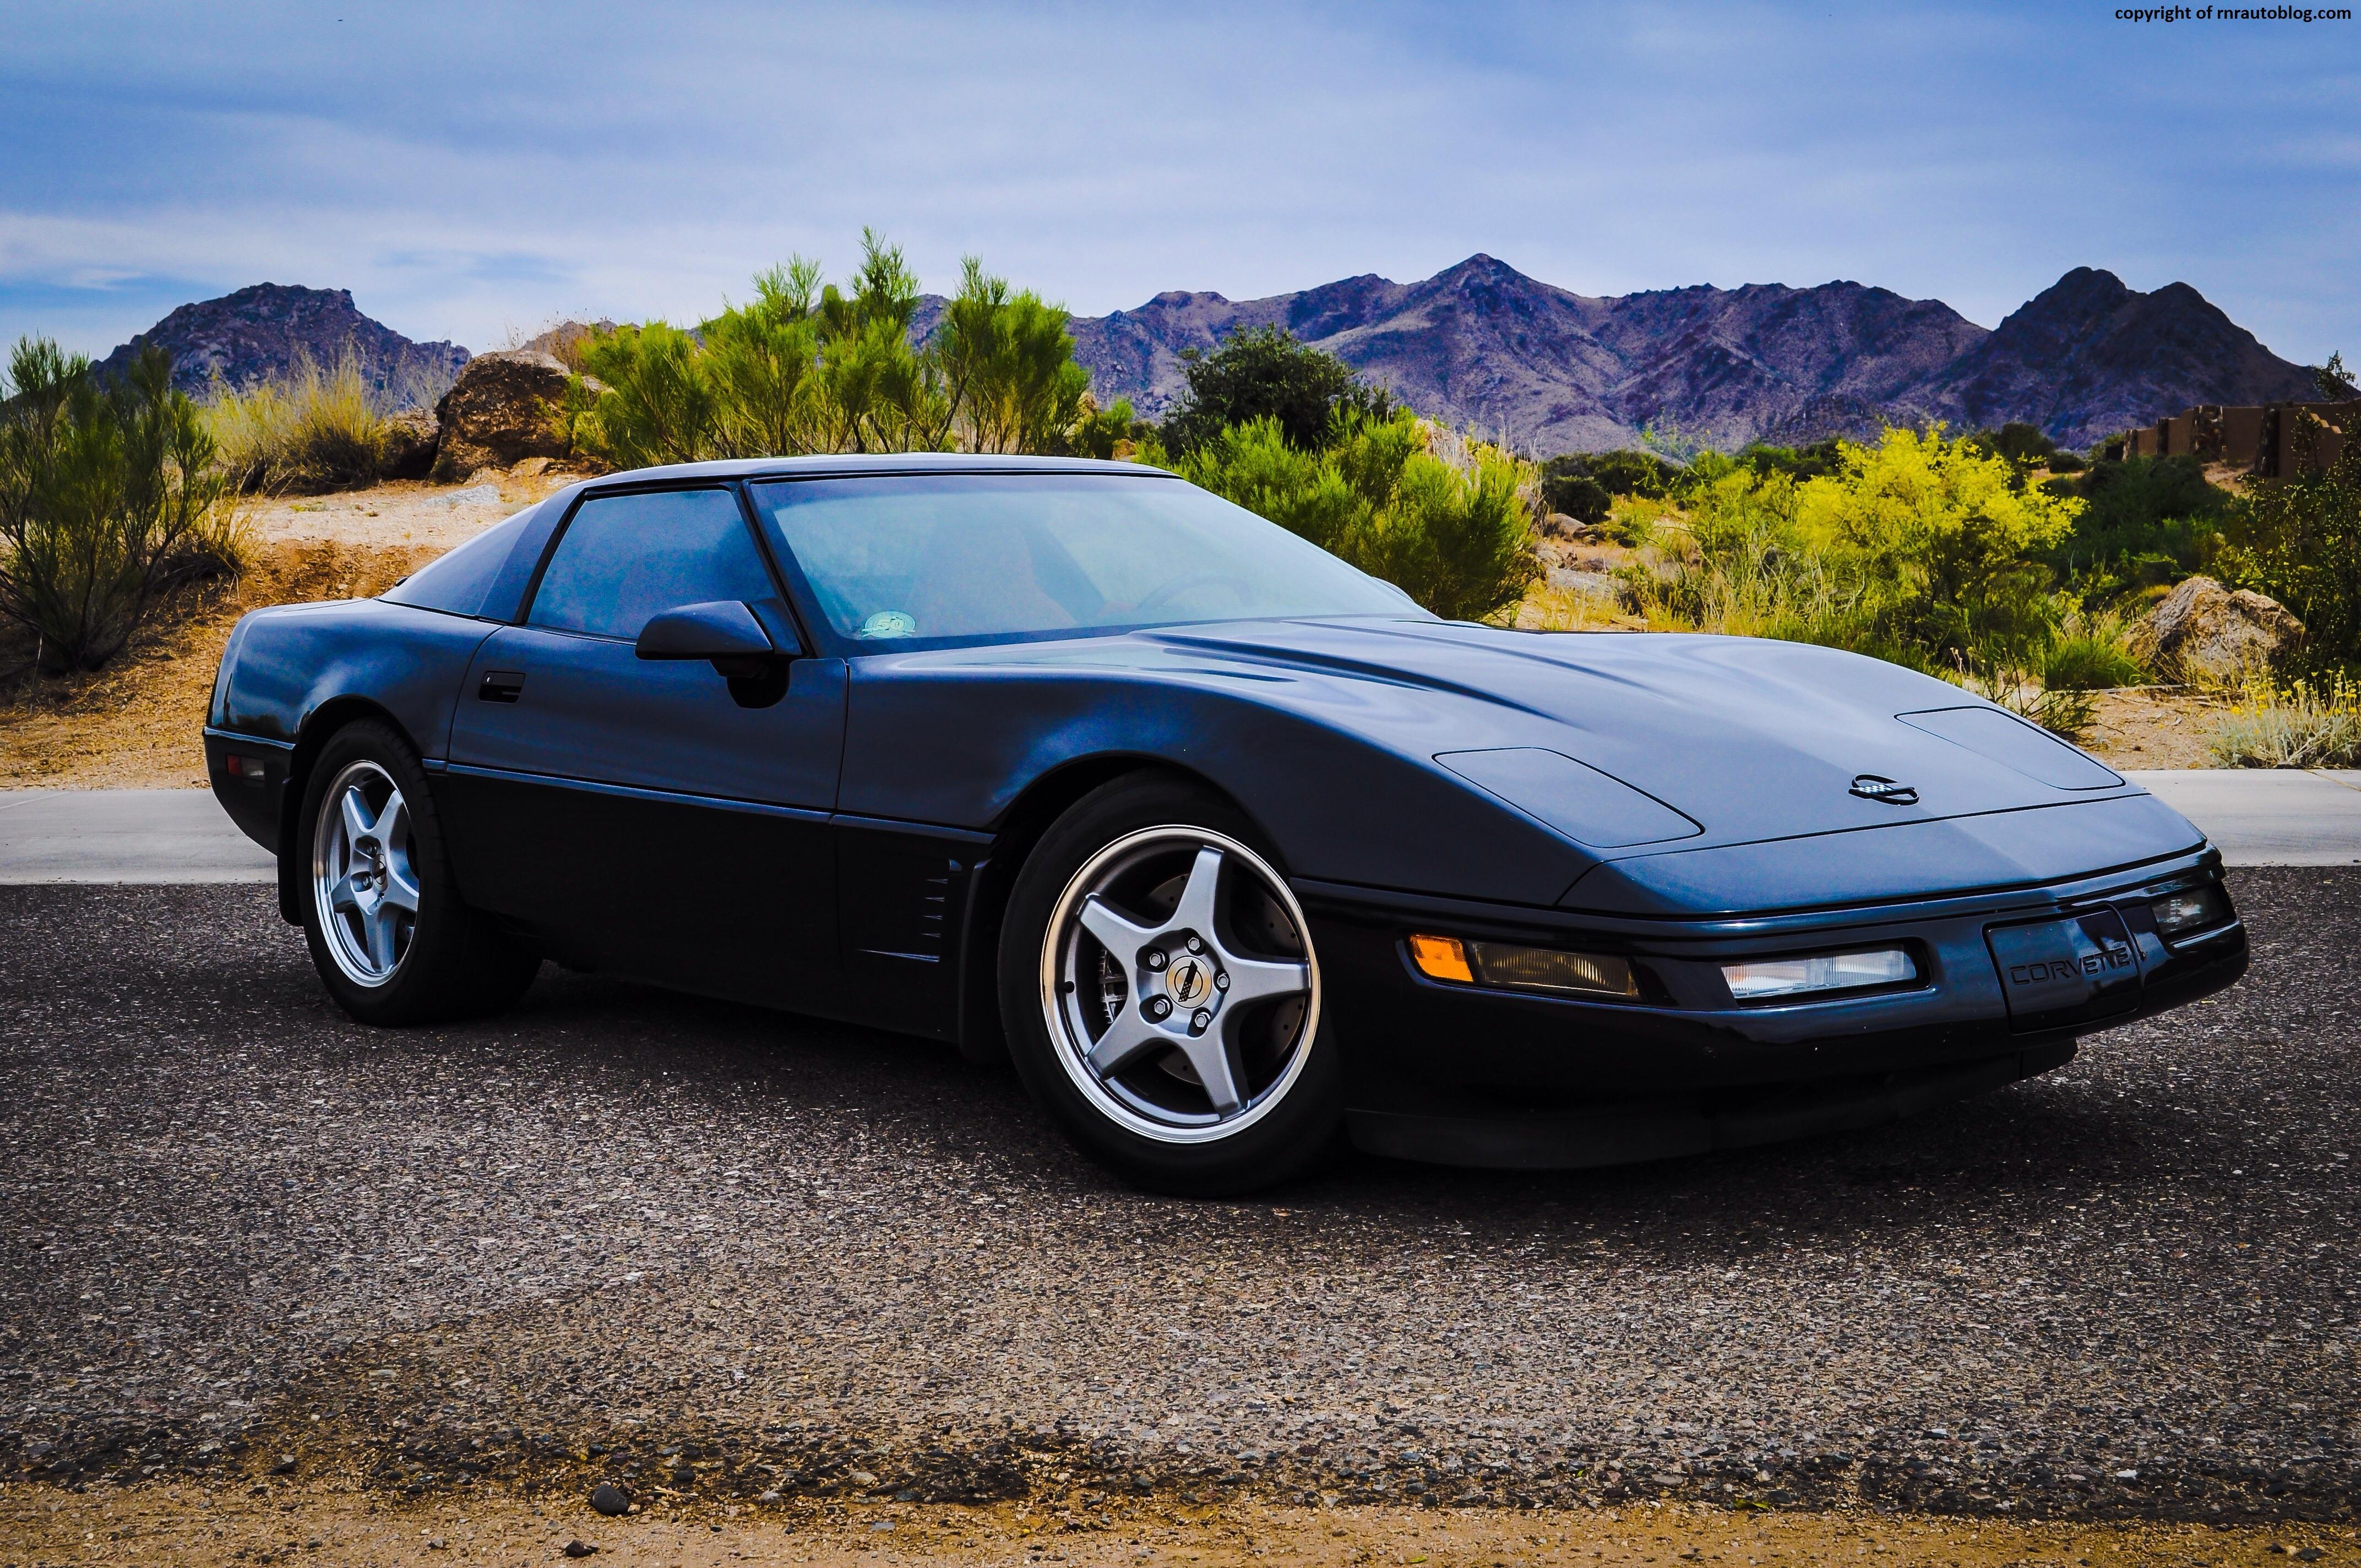 1996 Chevrolet Corvette LT4 Teaser   RNR Automotive Blog